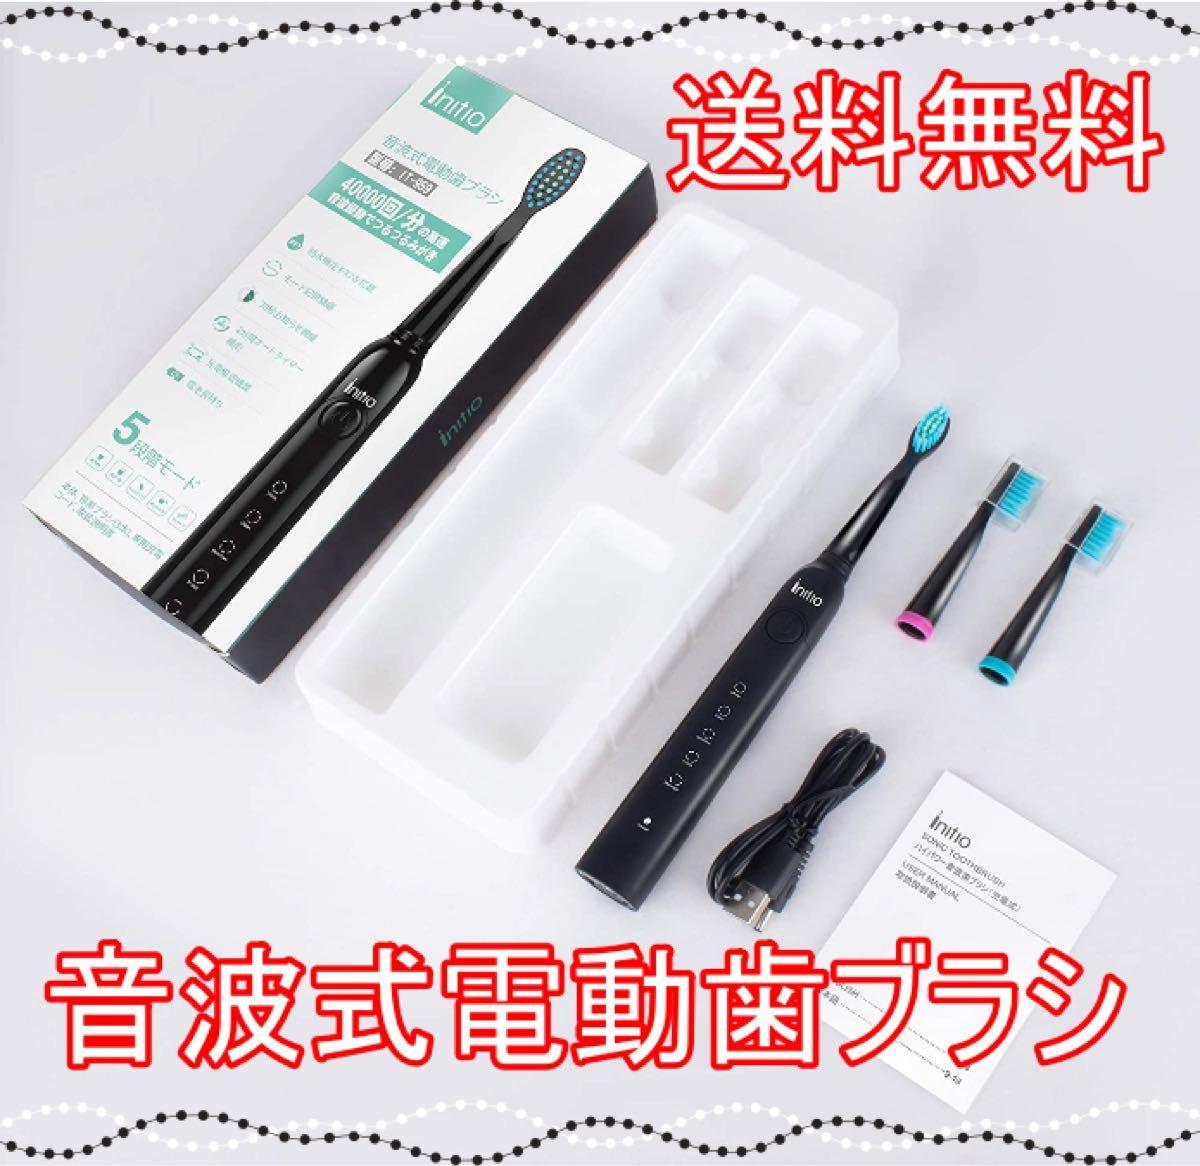 【送料無料】 電動 音波 歯ブラシ 歯ブラシ ハブラシ USB充電式 タイマー